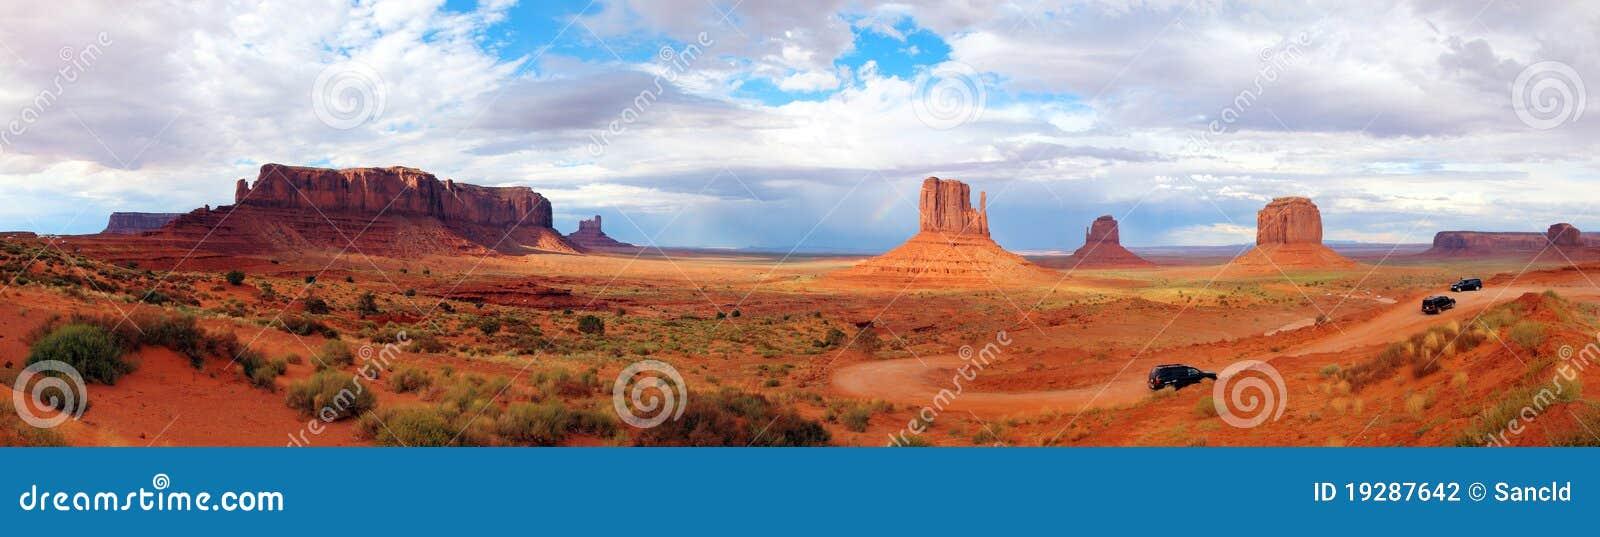 亚利桑那纪念碑全景状态团结的犹他&#